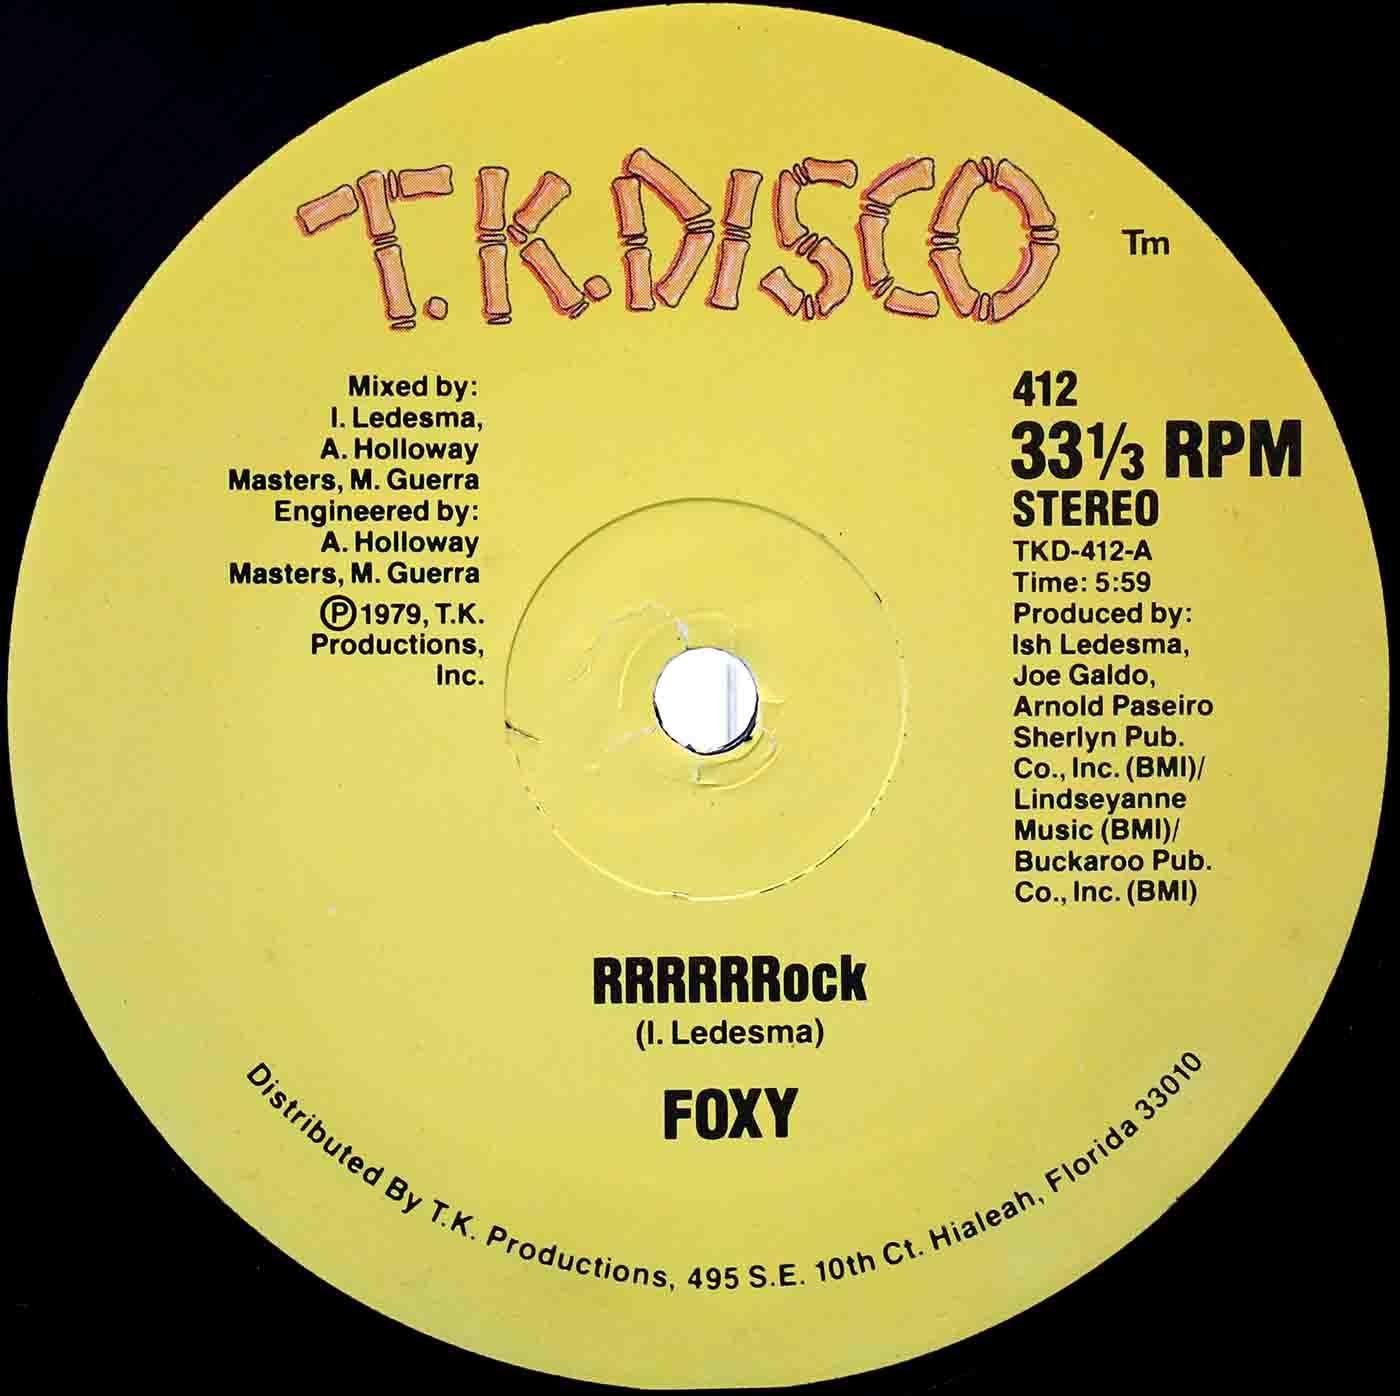 FOXY Rrrrrock 03